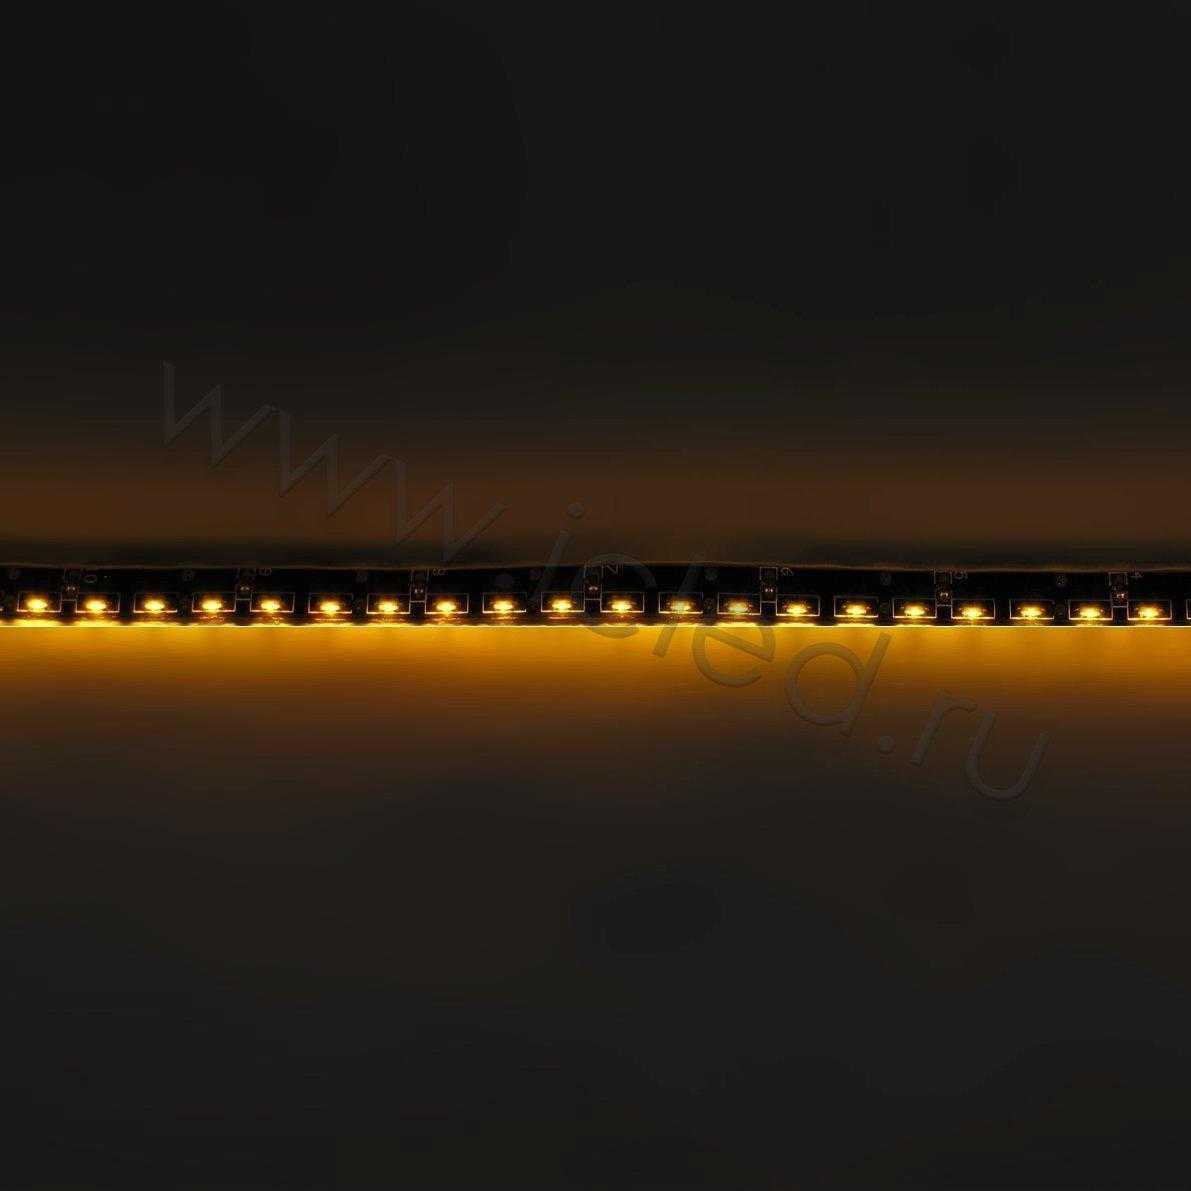 Светодиодная лента Class B, 335, 120 led/m, Yellow,12V, IP65